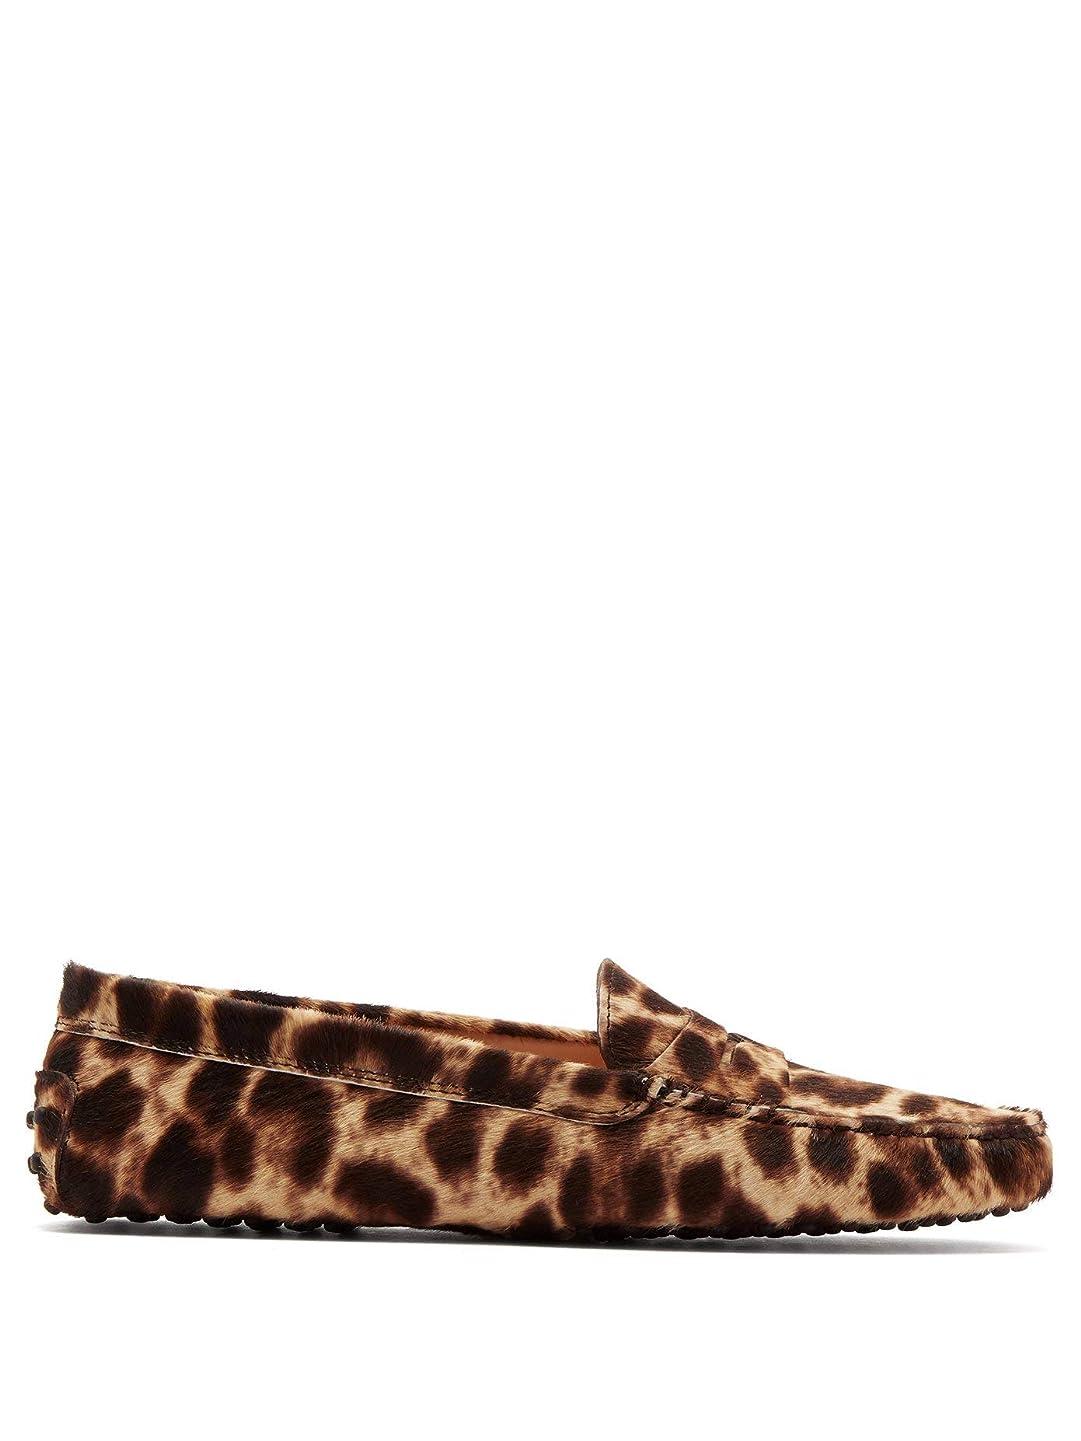 ティーム報酬の保険をかける[トッズ] 高ミノーレオパードプリントローファー Gommino leopard-print loafers レディース (並行輸入品)